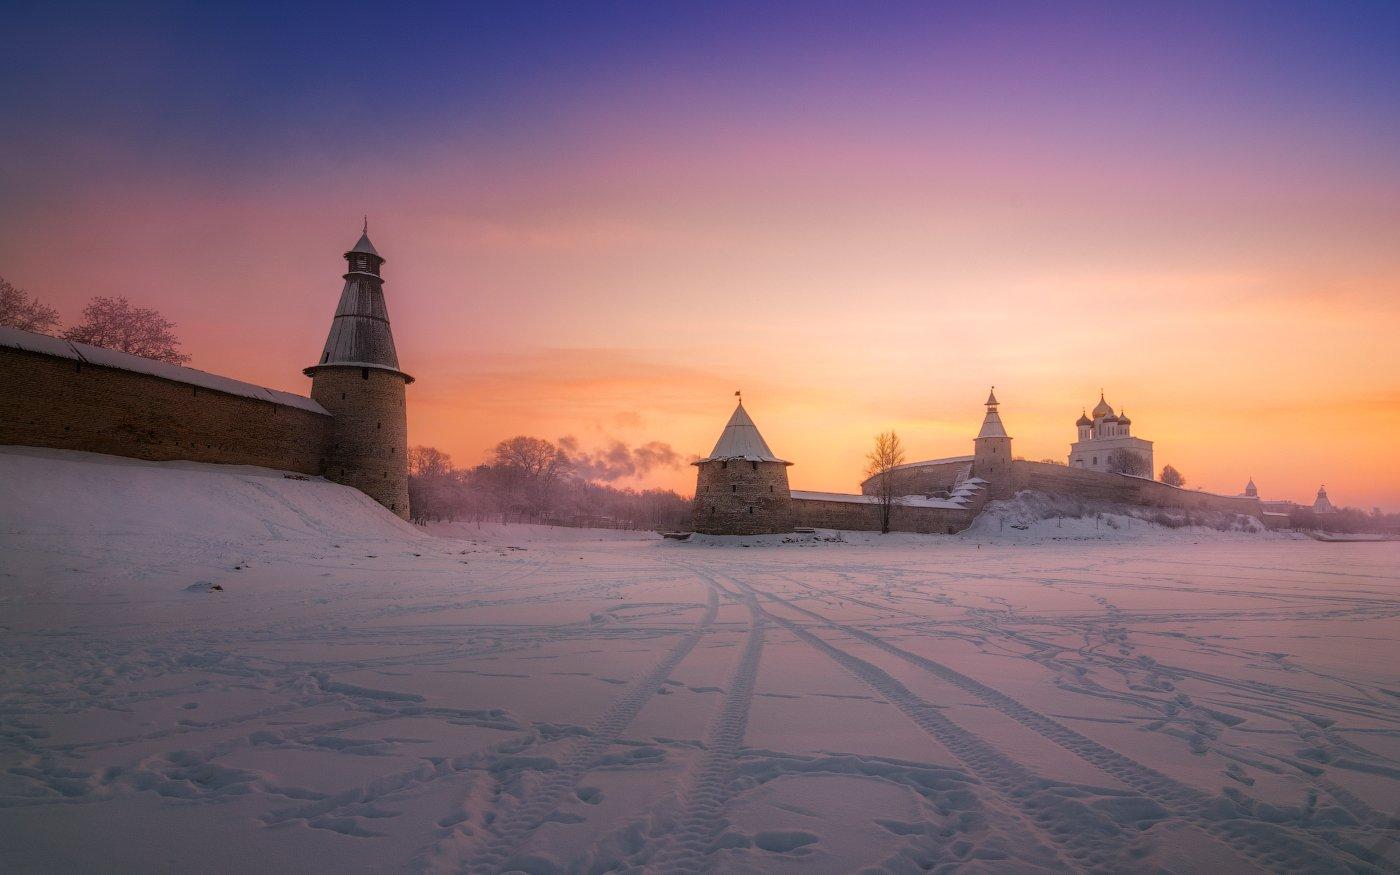 Кром, утро, зима, рассвет, утро, облака, снег, лёд, небо, Cтанислав Малых